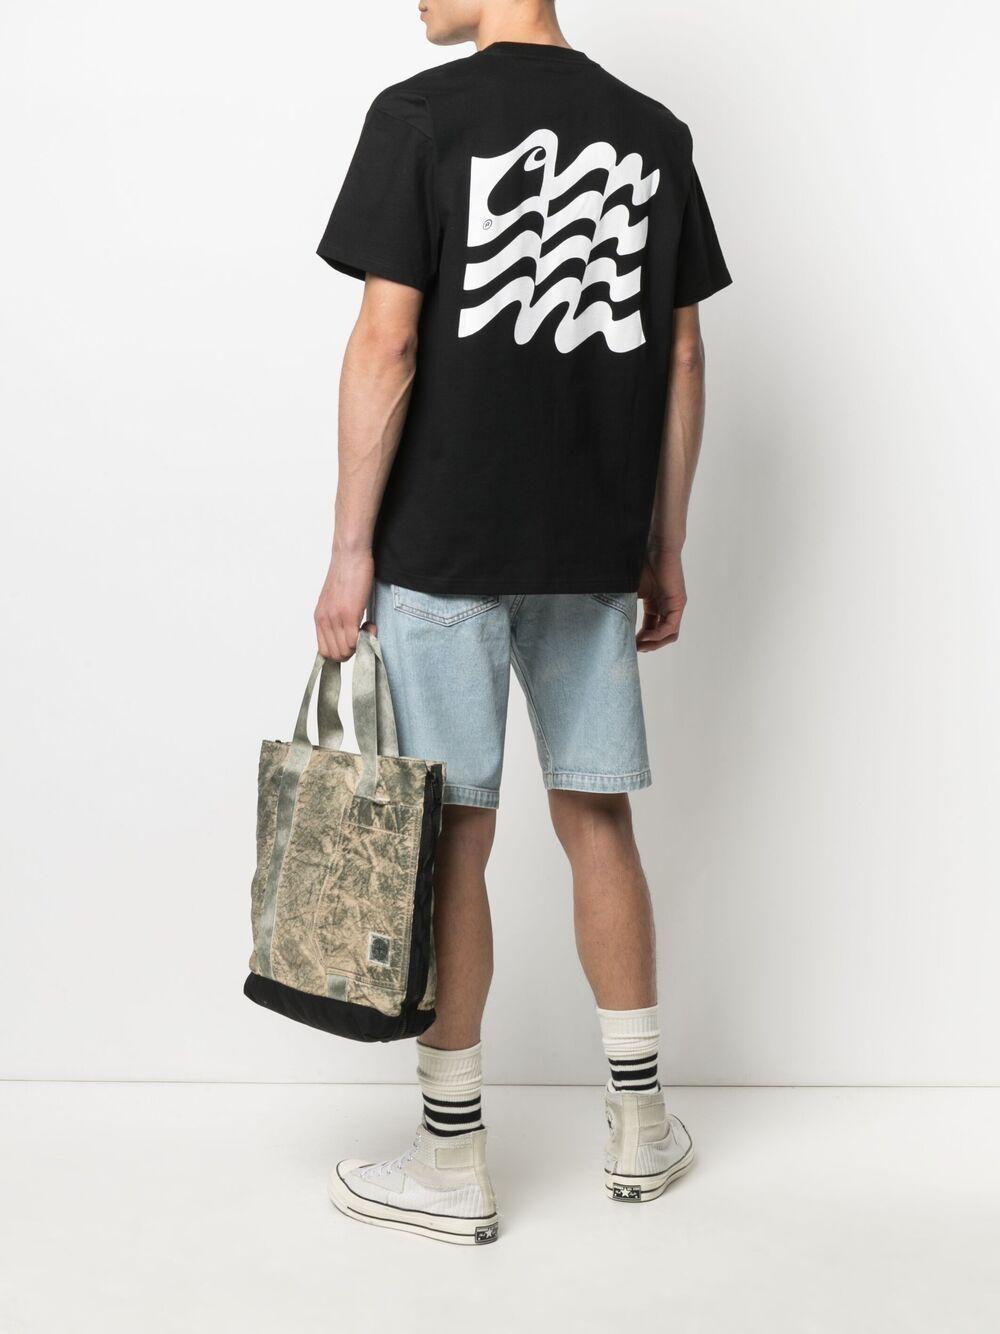 Carhartt wavy state t-shirt man black CARHARTT WIP | T-shirts | I02901189.90